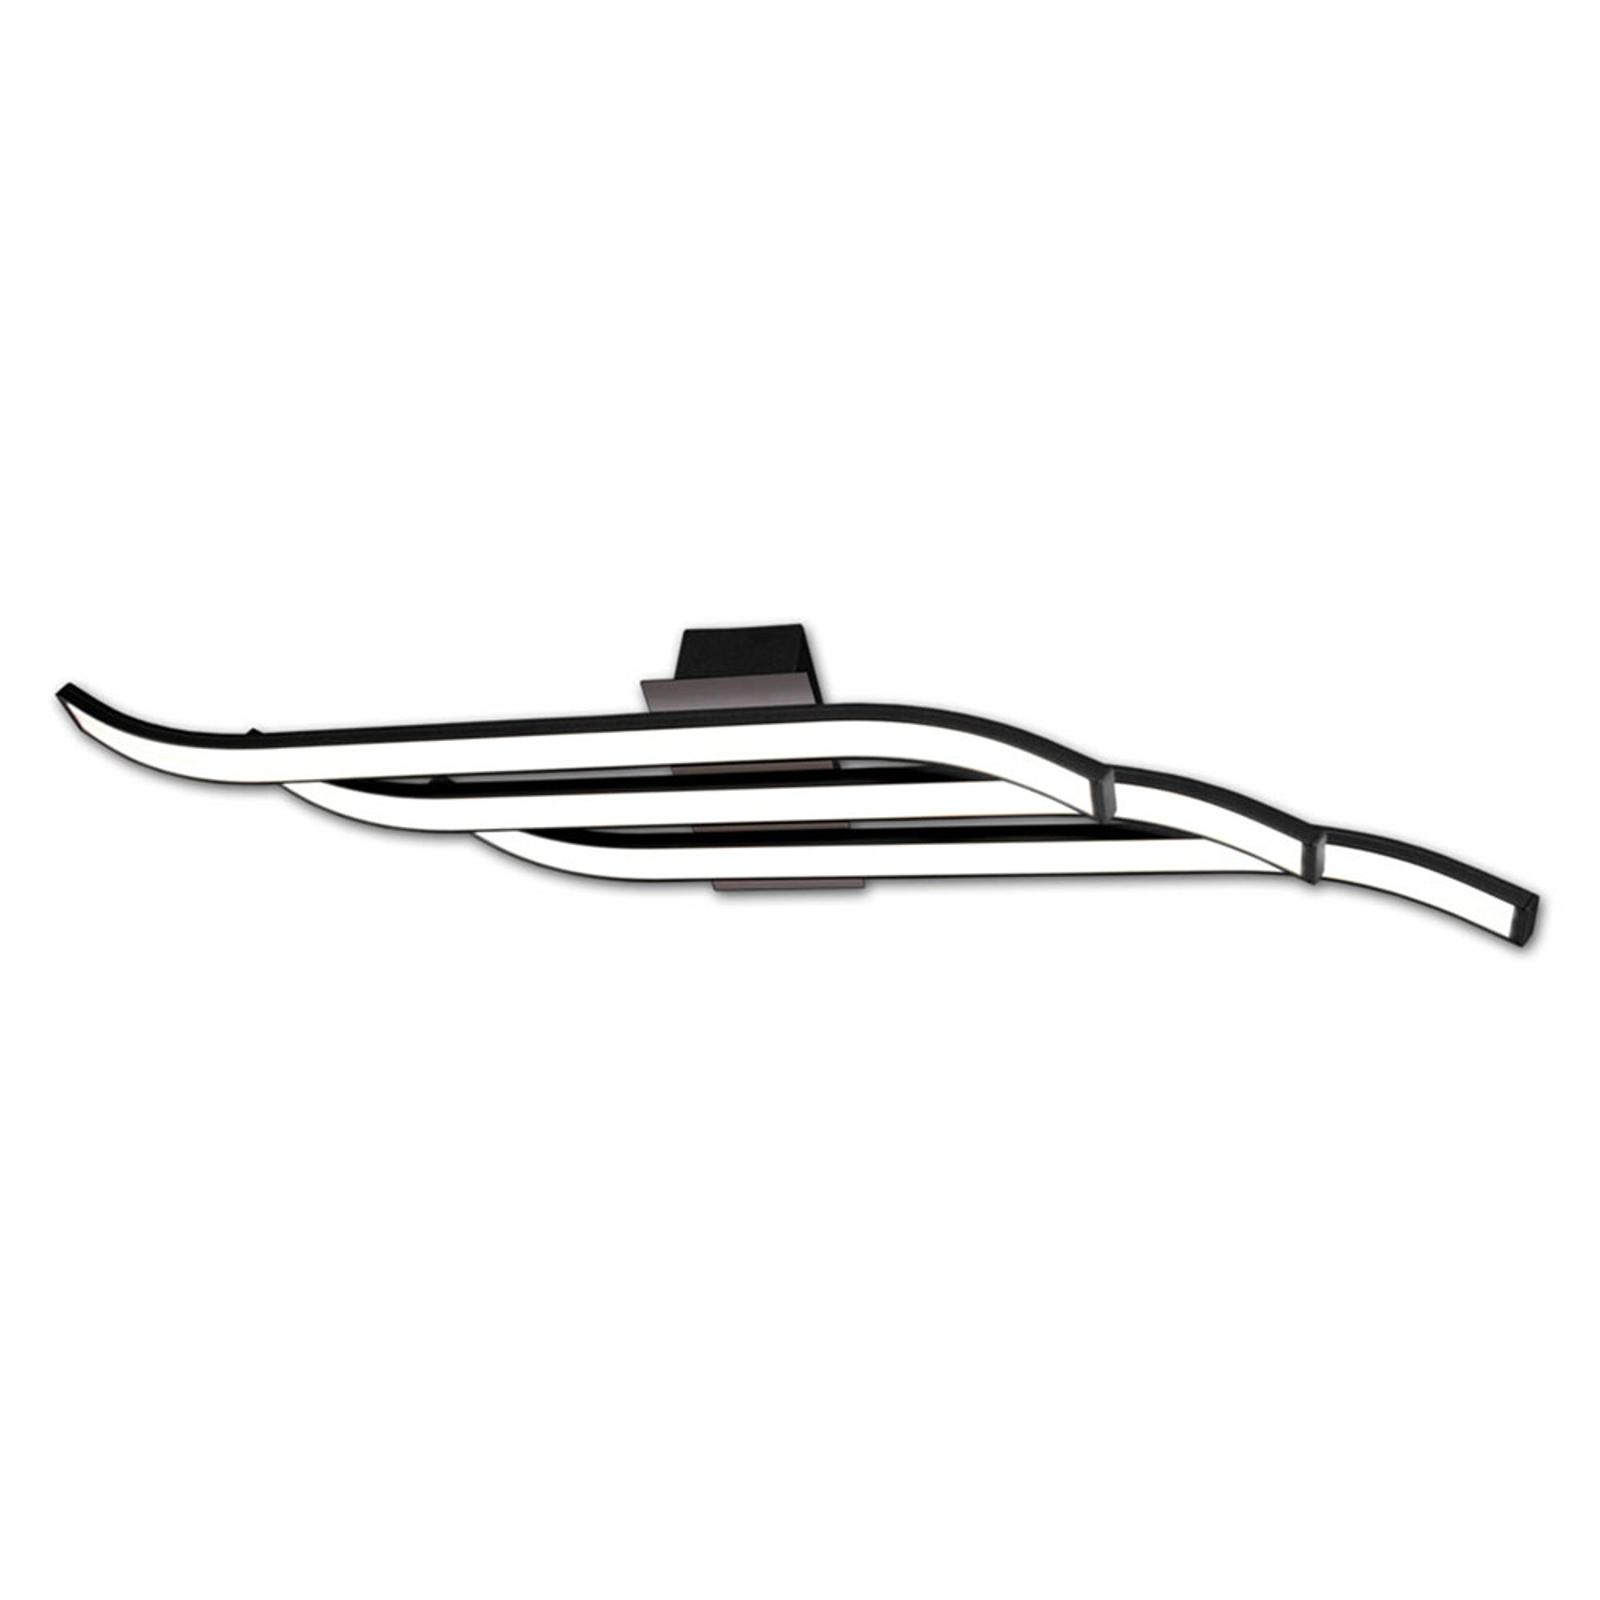 LED-Deckenleuchte Largo 3-flg. schwarz